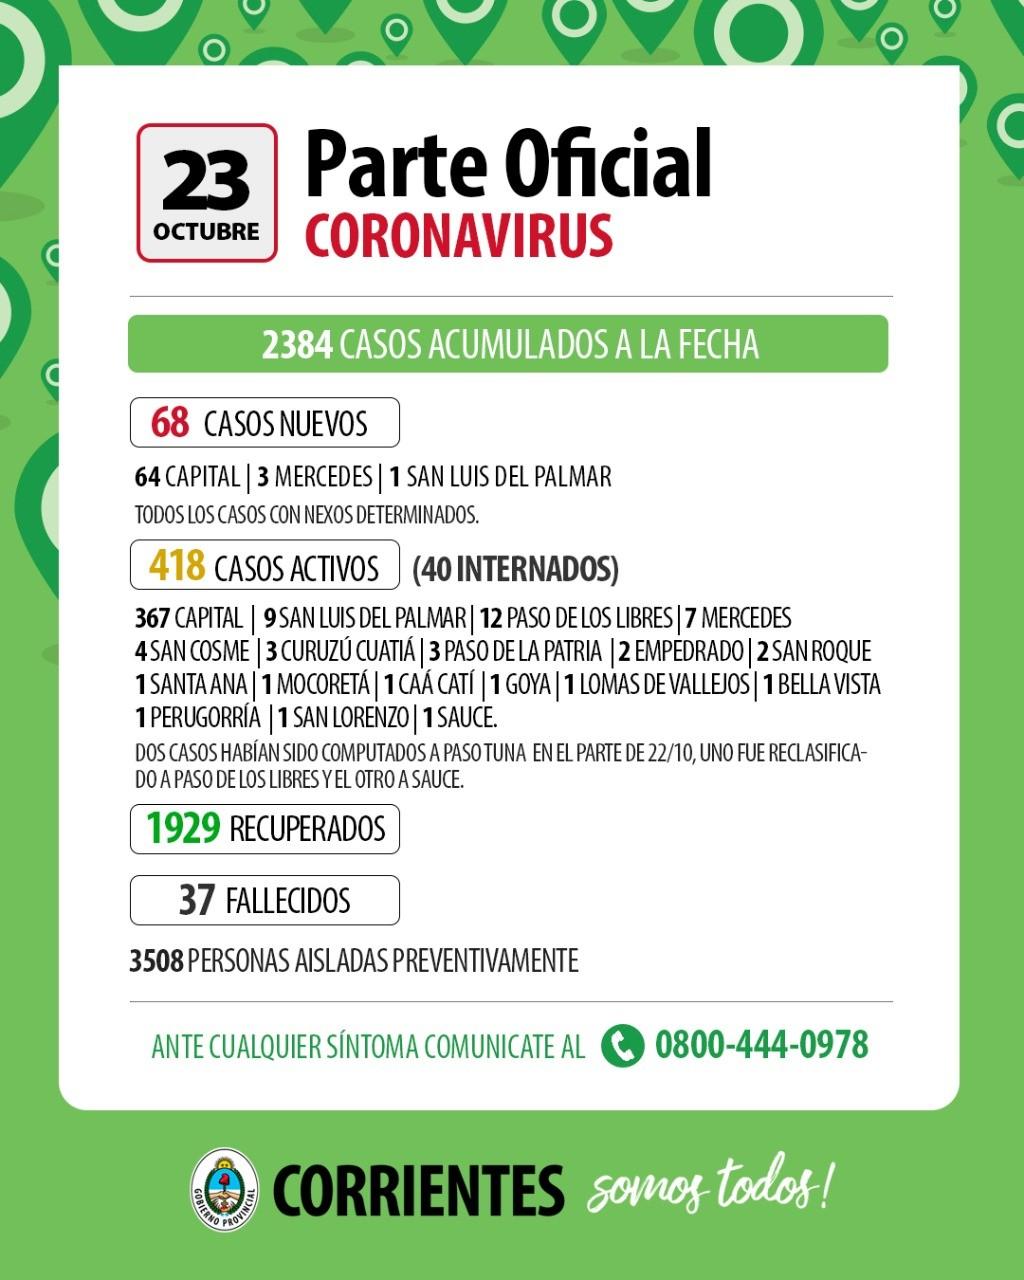 Informan de 68 casos nuevos de Covid-19 en Corrientes